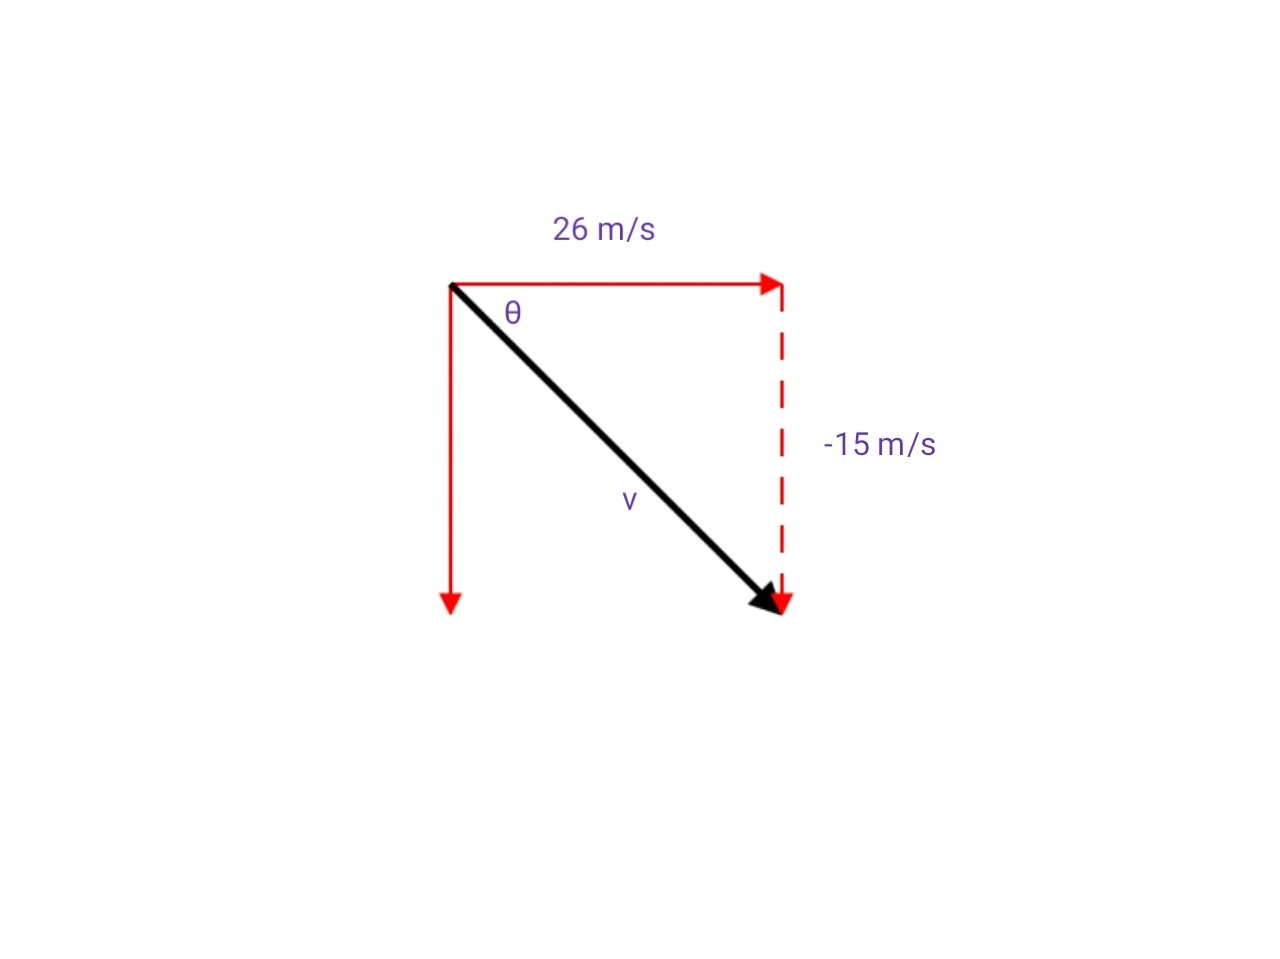 Resolving a vector